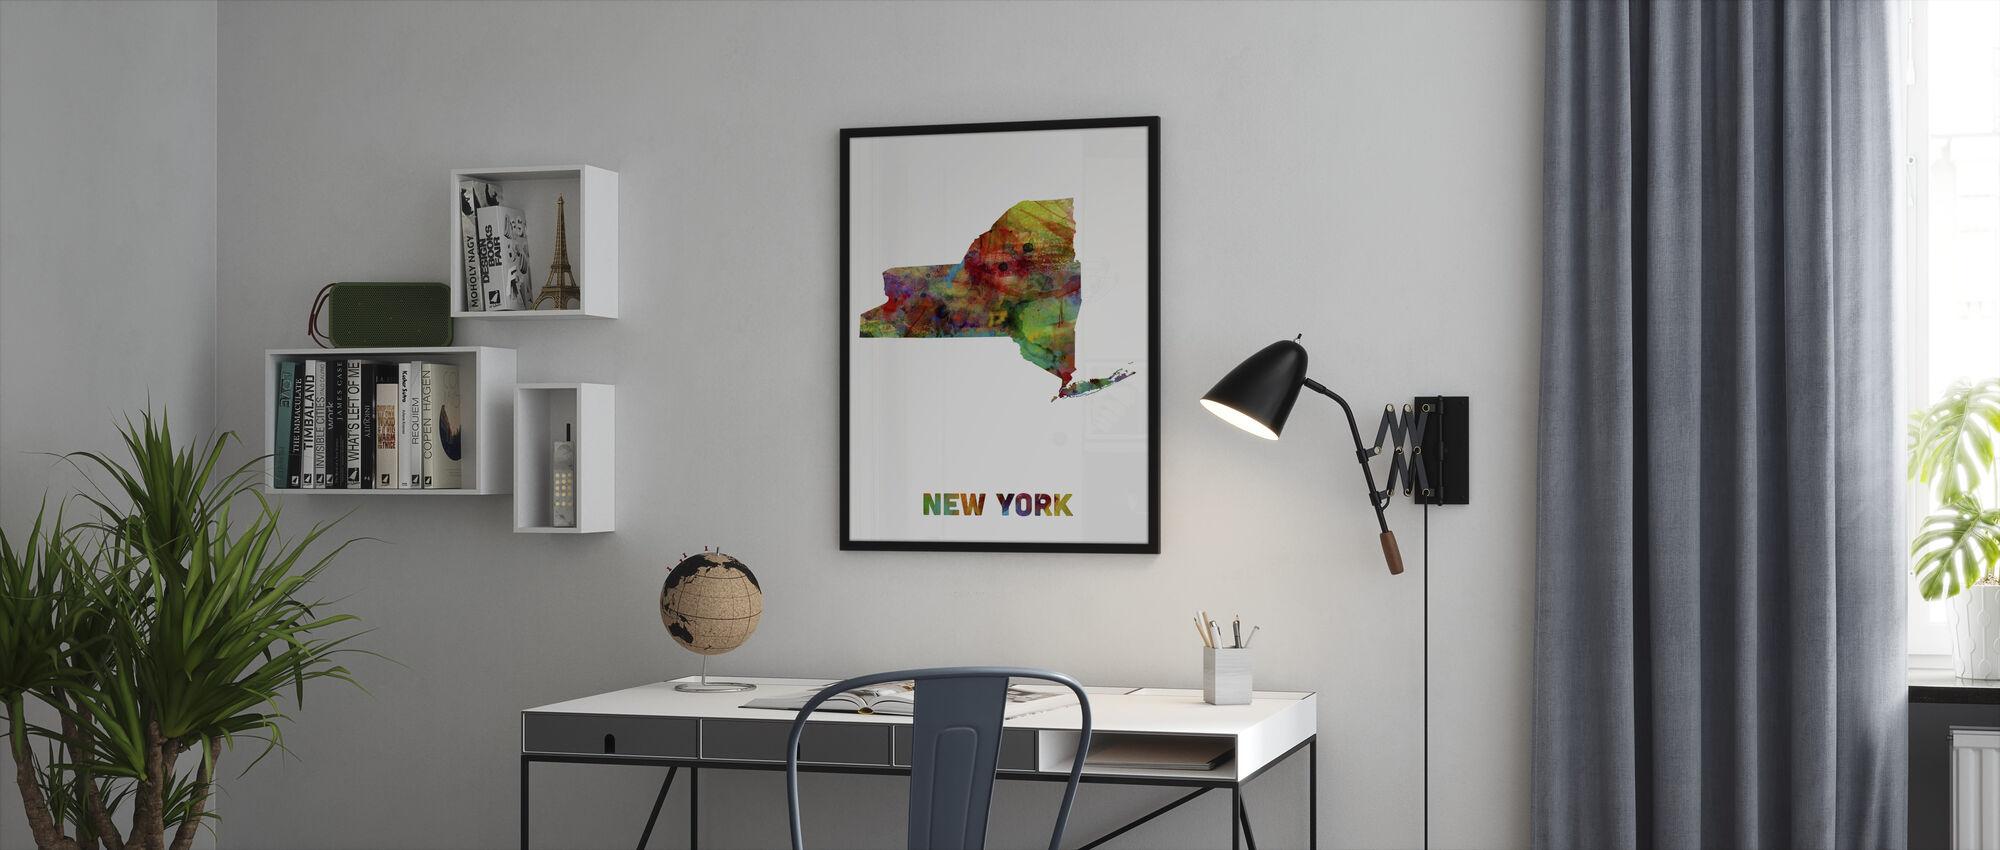 New Yorkin State Kartta - Kehystetty kuva - Toimisto